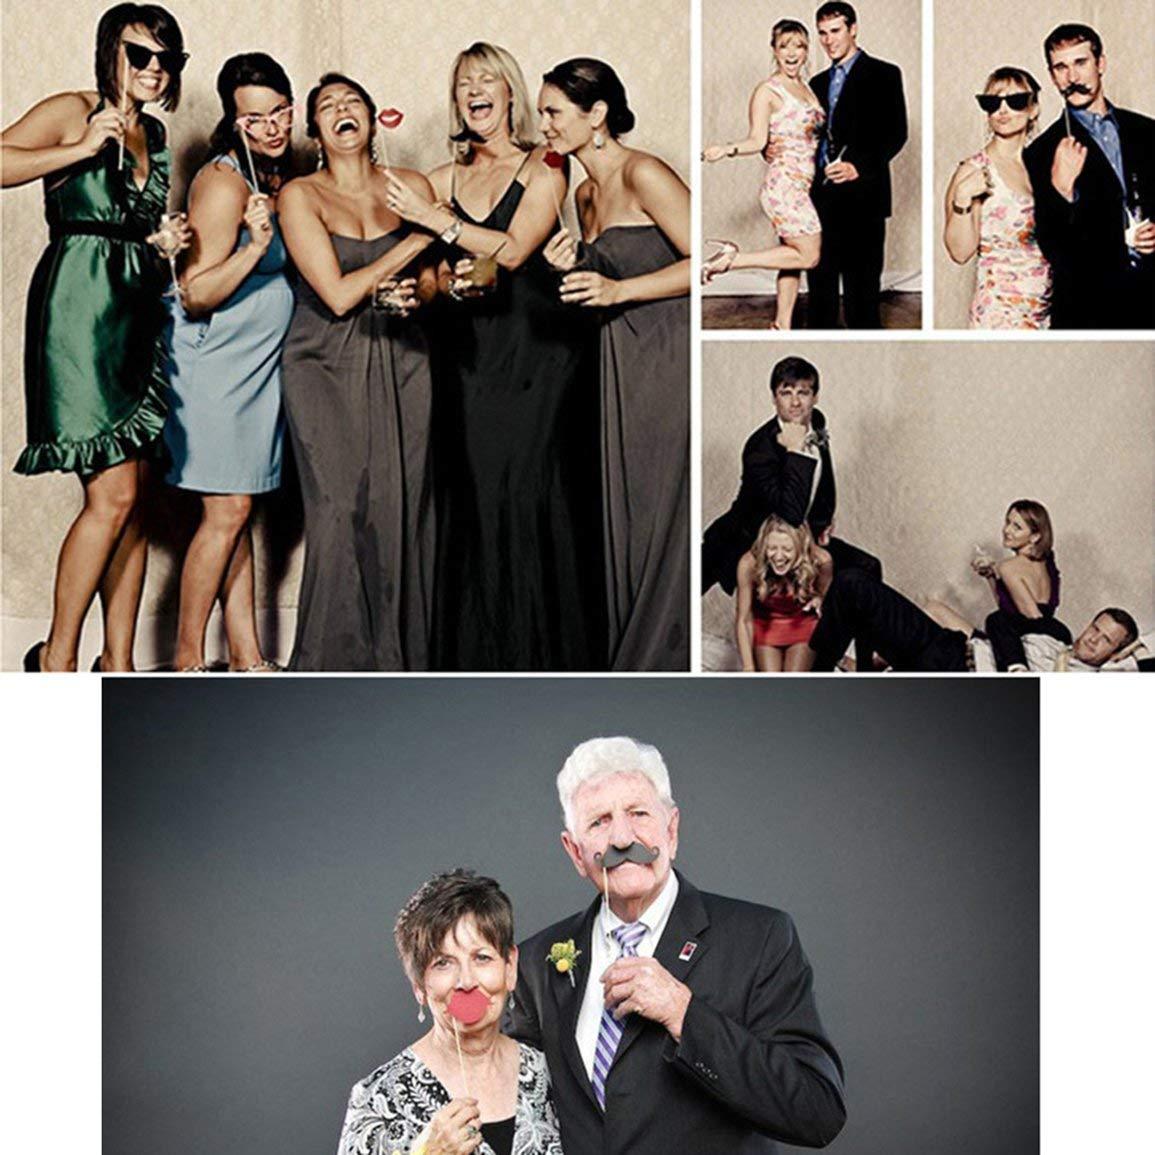 fghfhfgjdfj 33 Styles//Set Color/é Lunettes Parti Photo Booth Props Happy Halloween Accessoires De Photo De Mariage Kit pour la D/écoration De F/ête